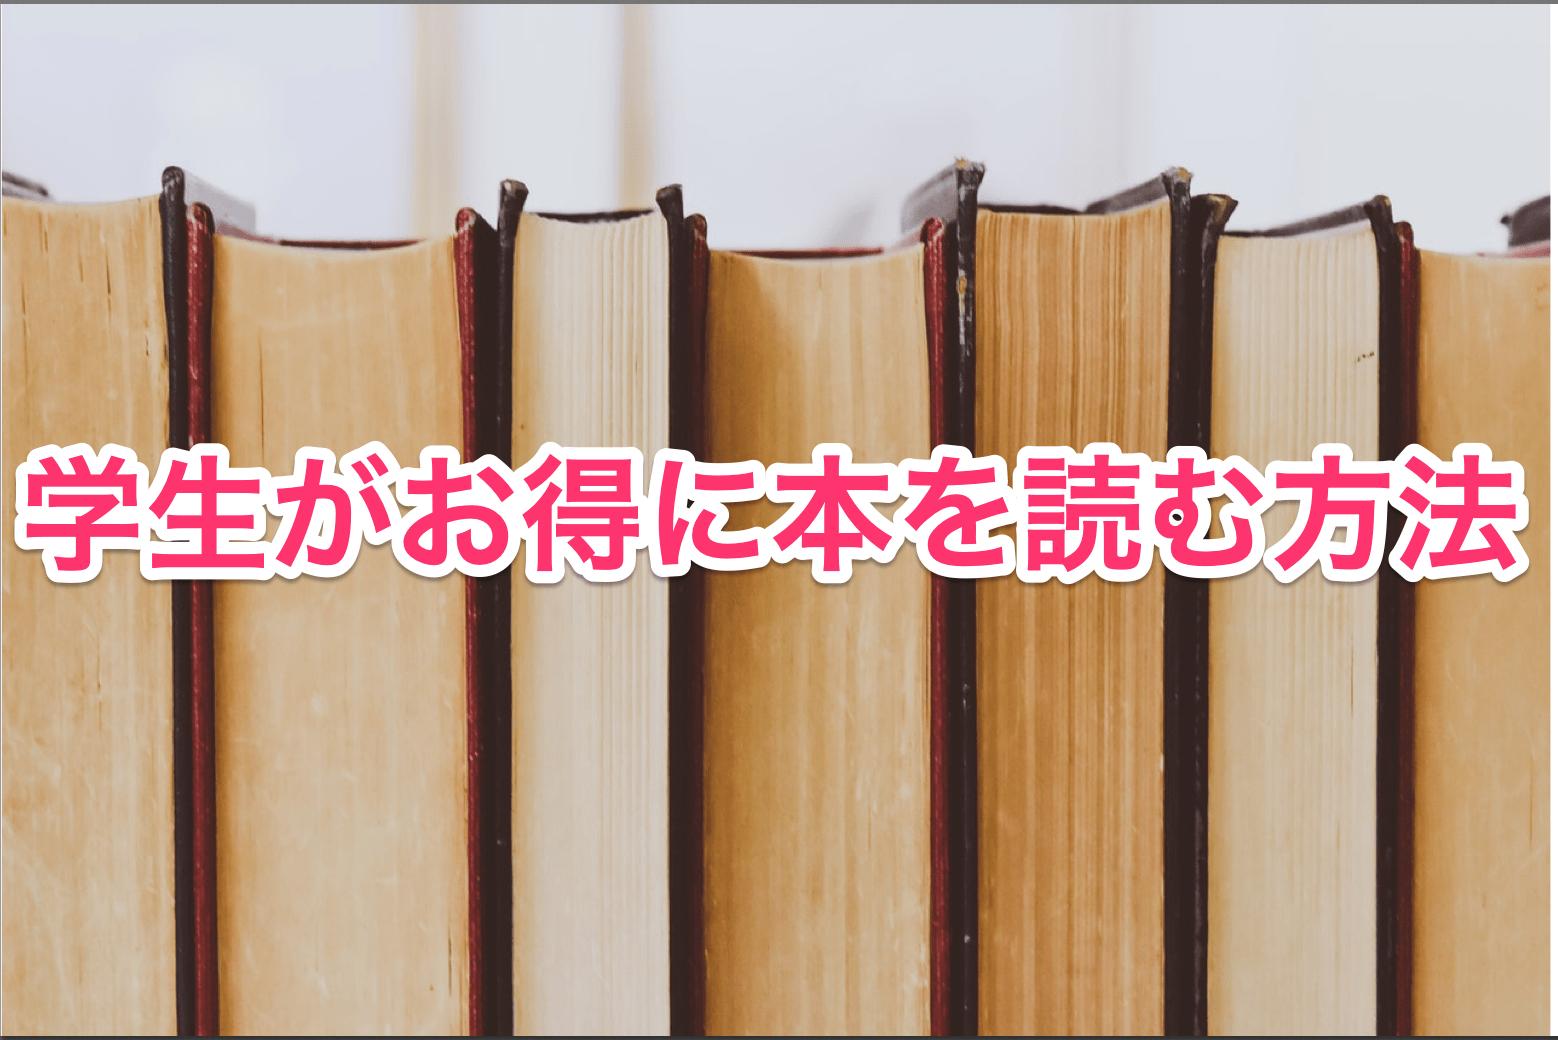 【おすすめ】学生がお得に本を読む方法 出来るだけ安く読みたい人必見!